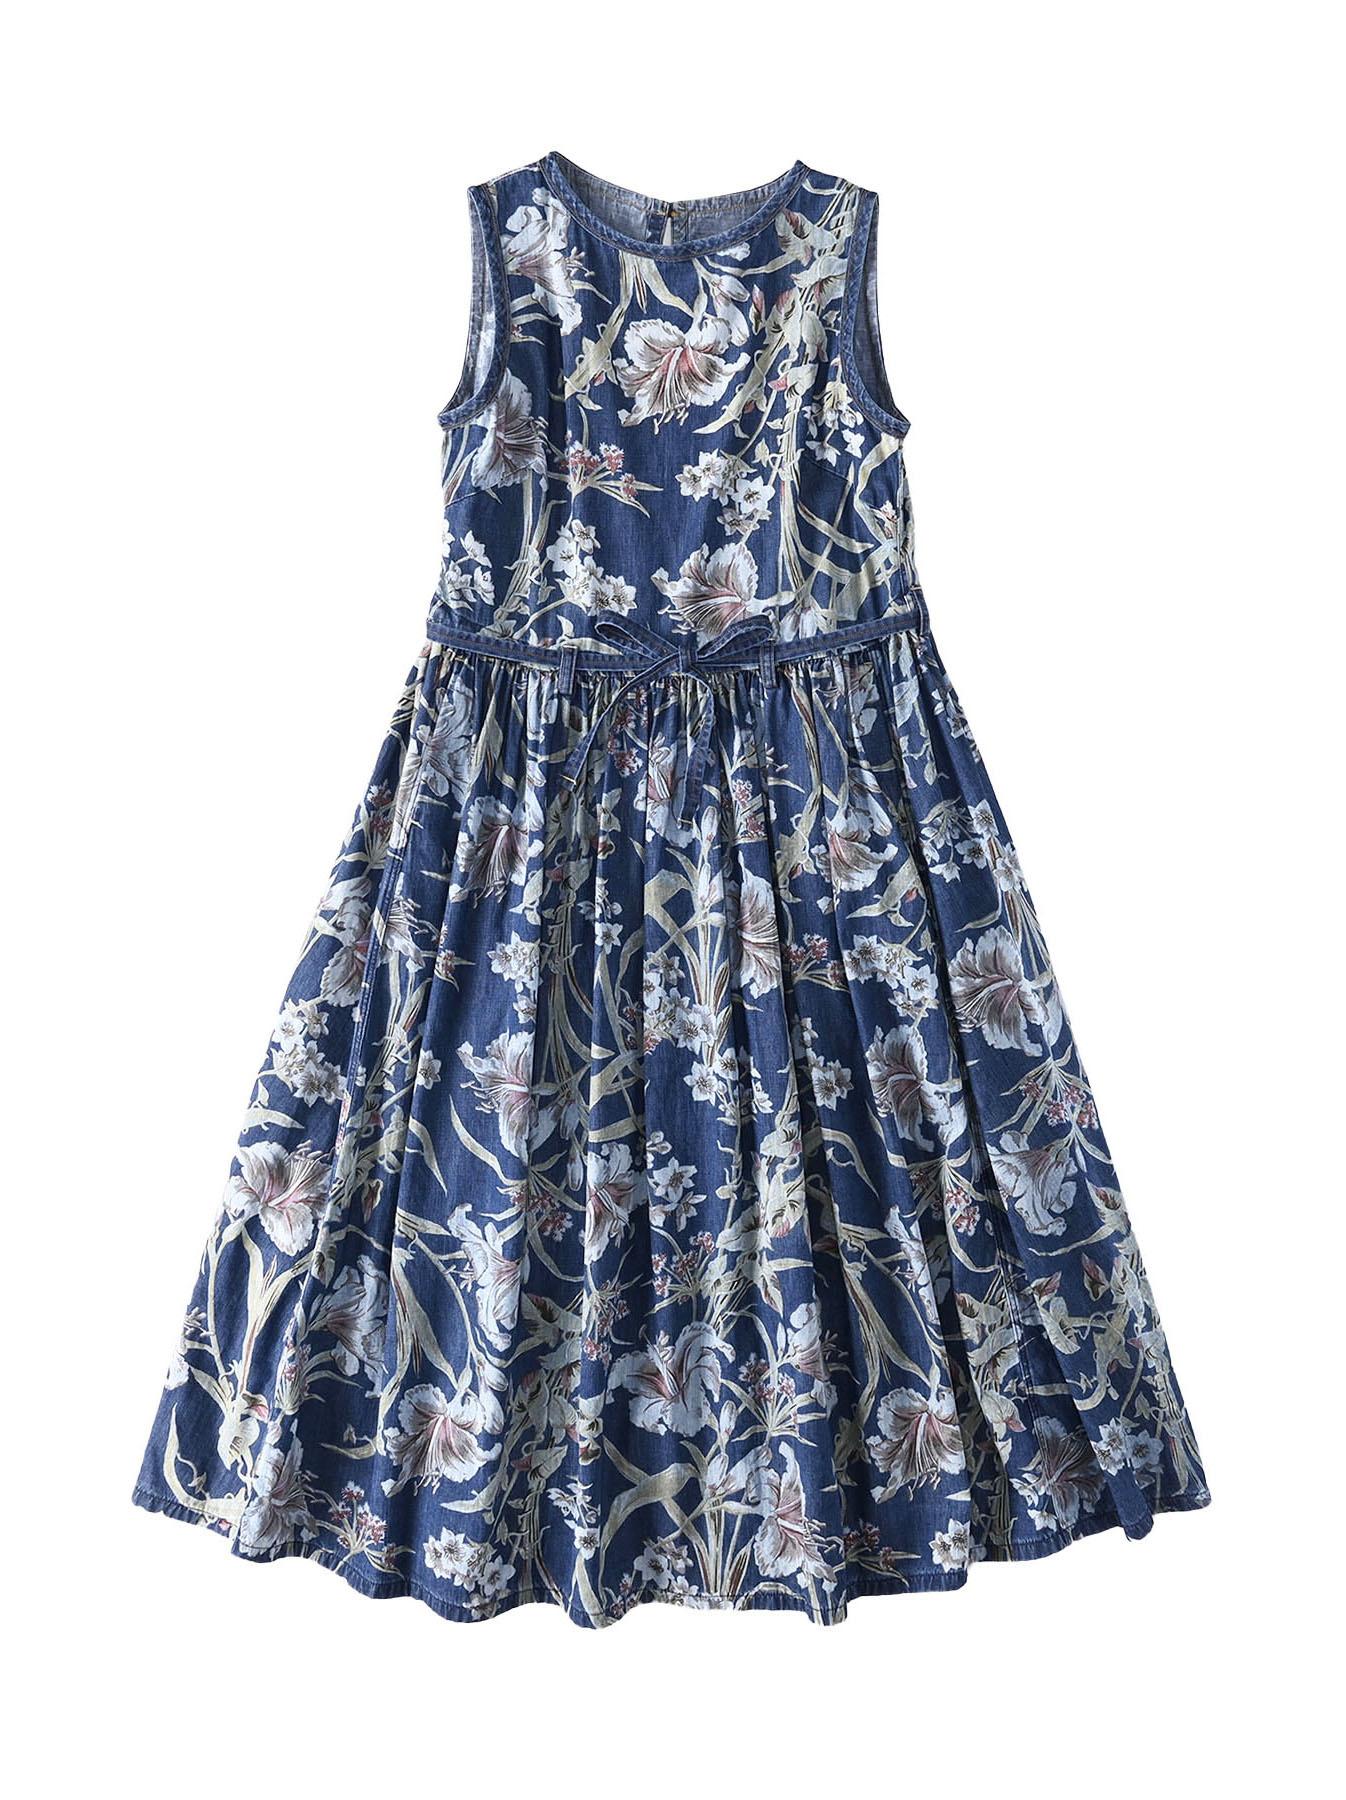 Cotton Lily Print Dress (0521)-1